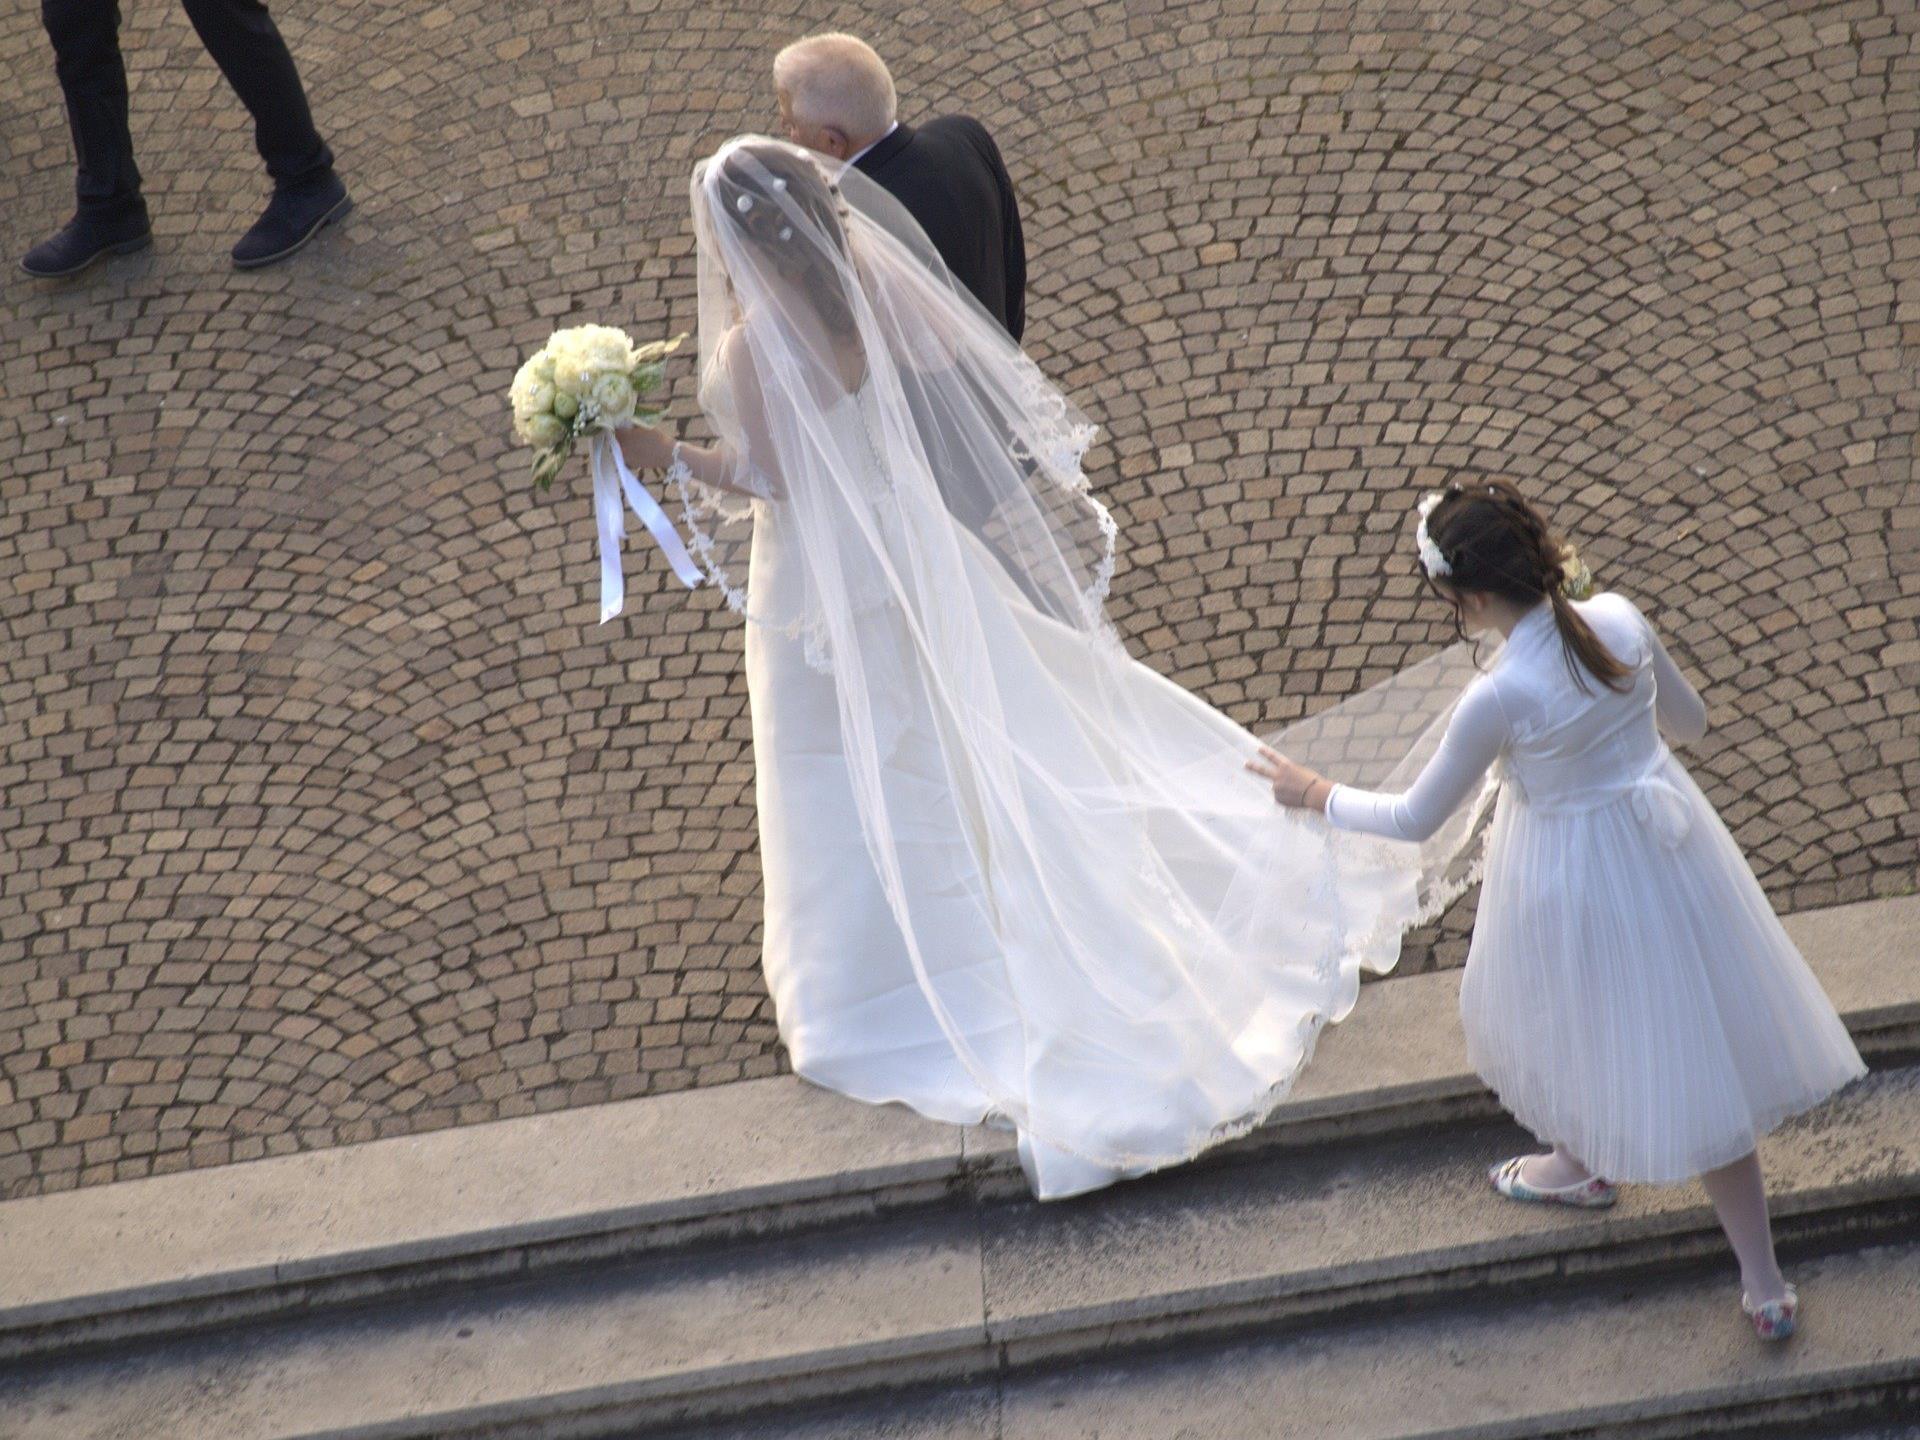 Der Hochzeitsgast durfte nach Abgabe seiner Waffe weiterfeiern.